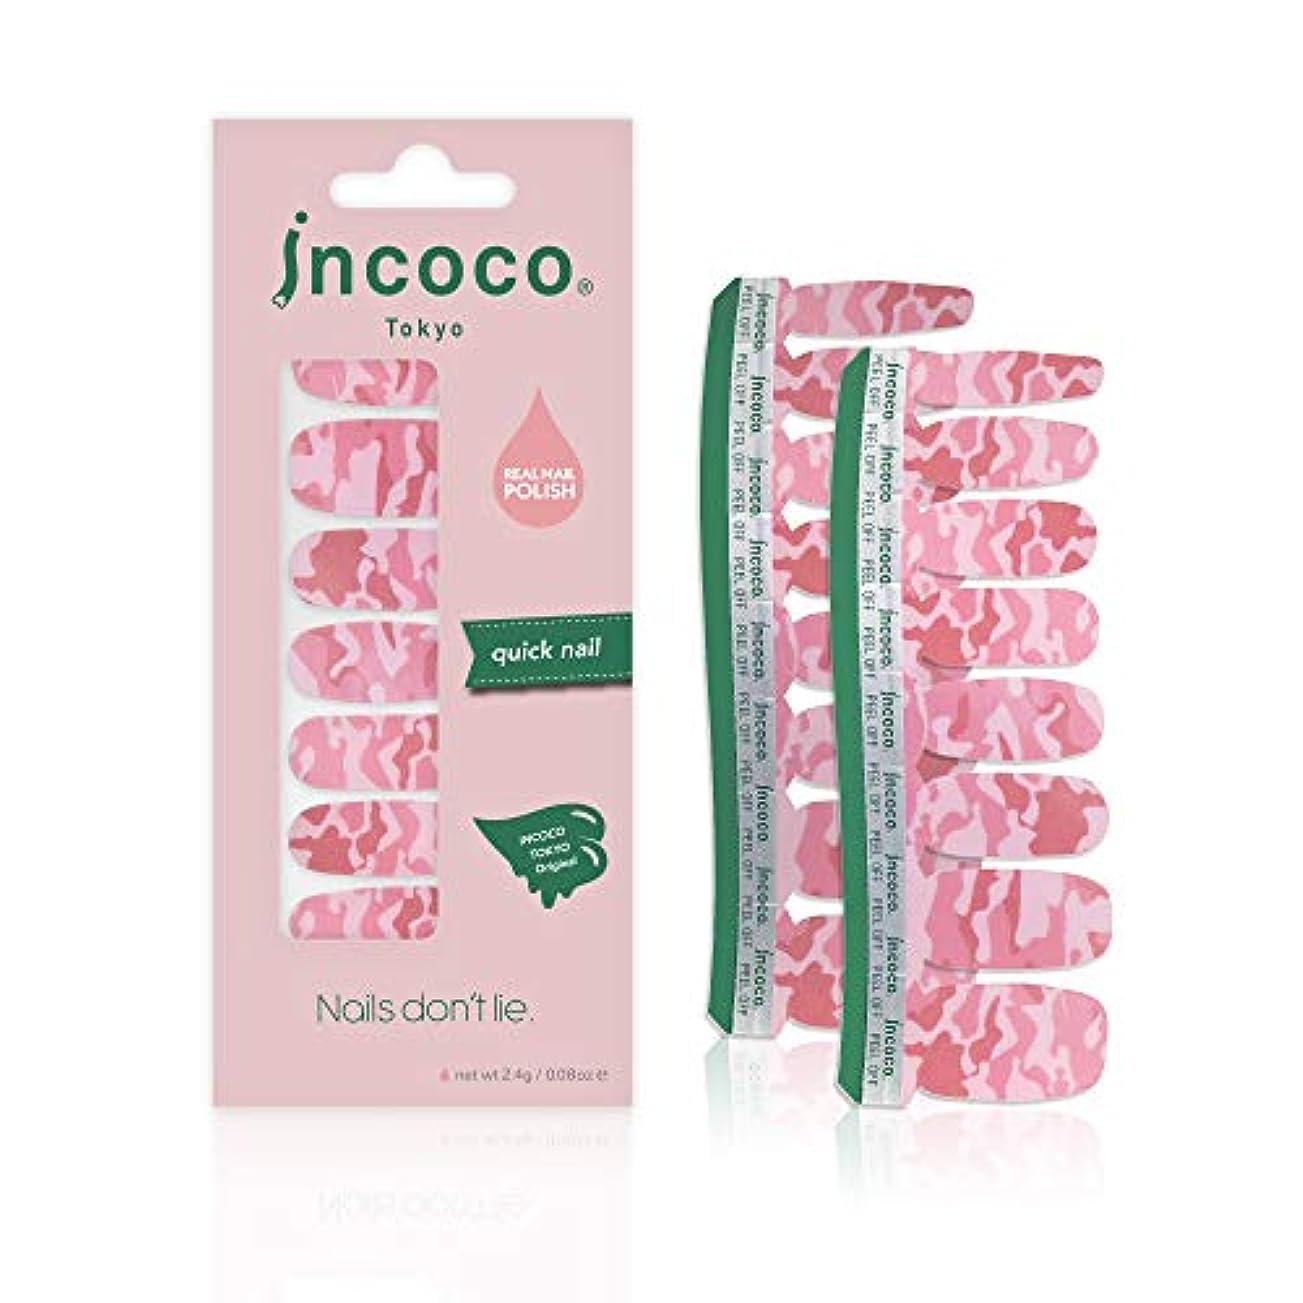 居住者決済ブーストインココ トーキョー 「ピンク カモ」 (Pink Camo)